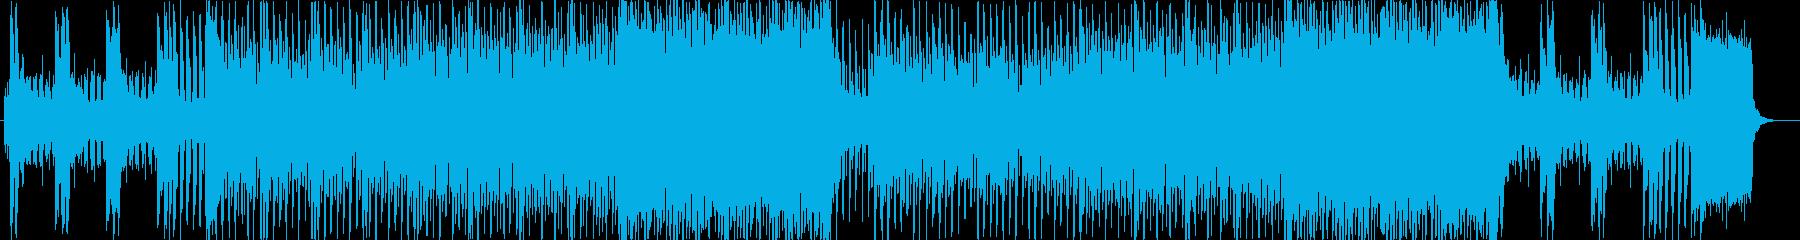 ピアノイントロ、キラキラしたJPOP風aの再生済みの波形